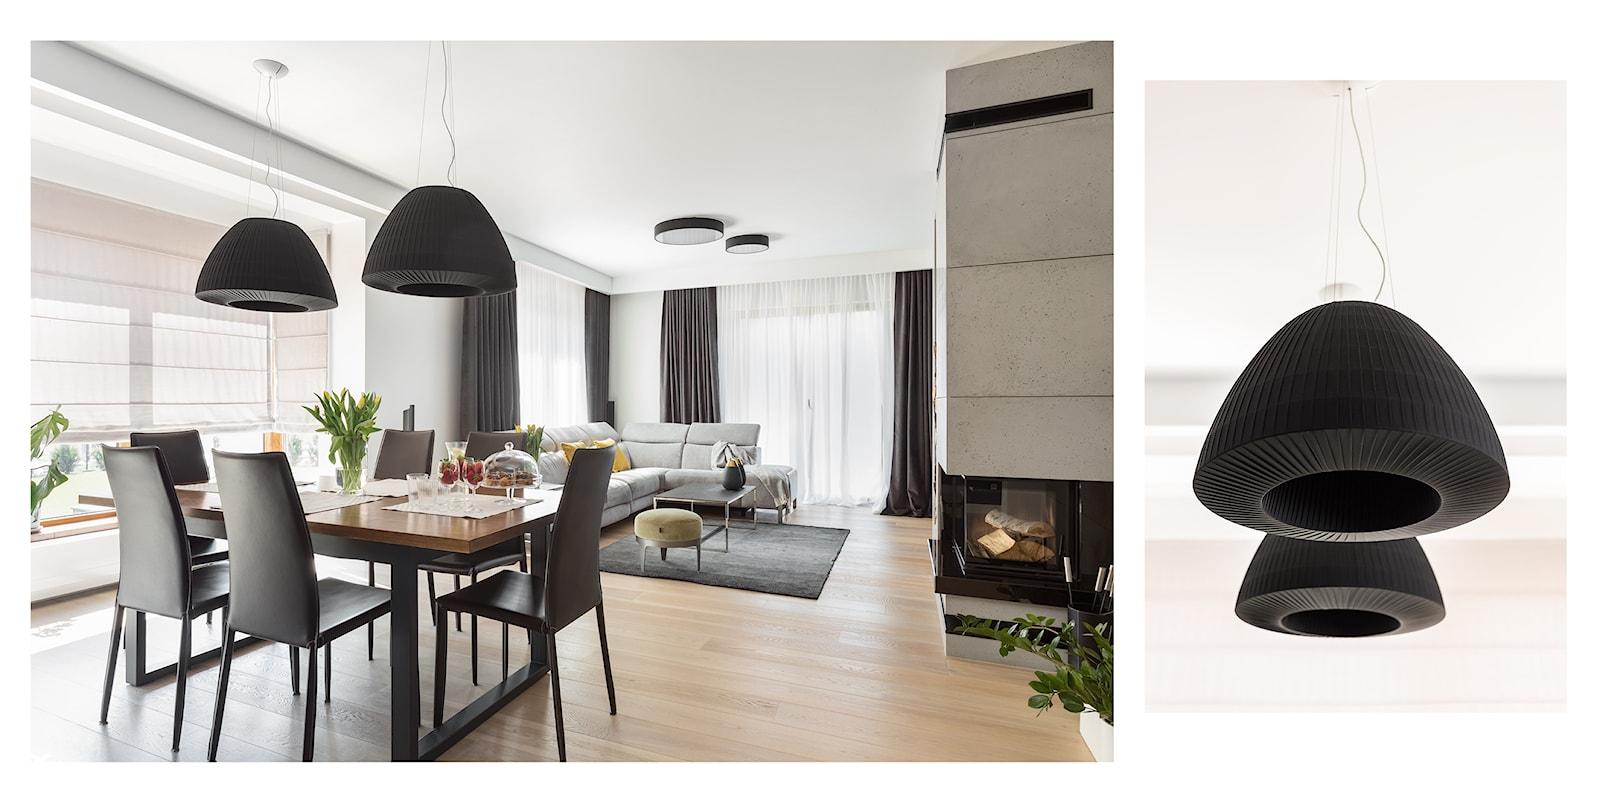 jadalnia z widokiem na salon - zdjęcie od Maciejewska Design - Homebook